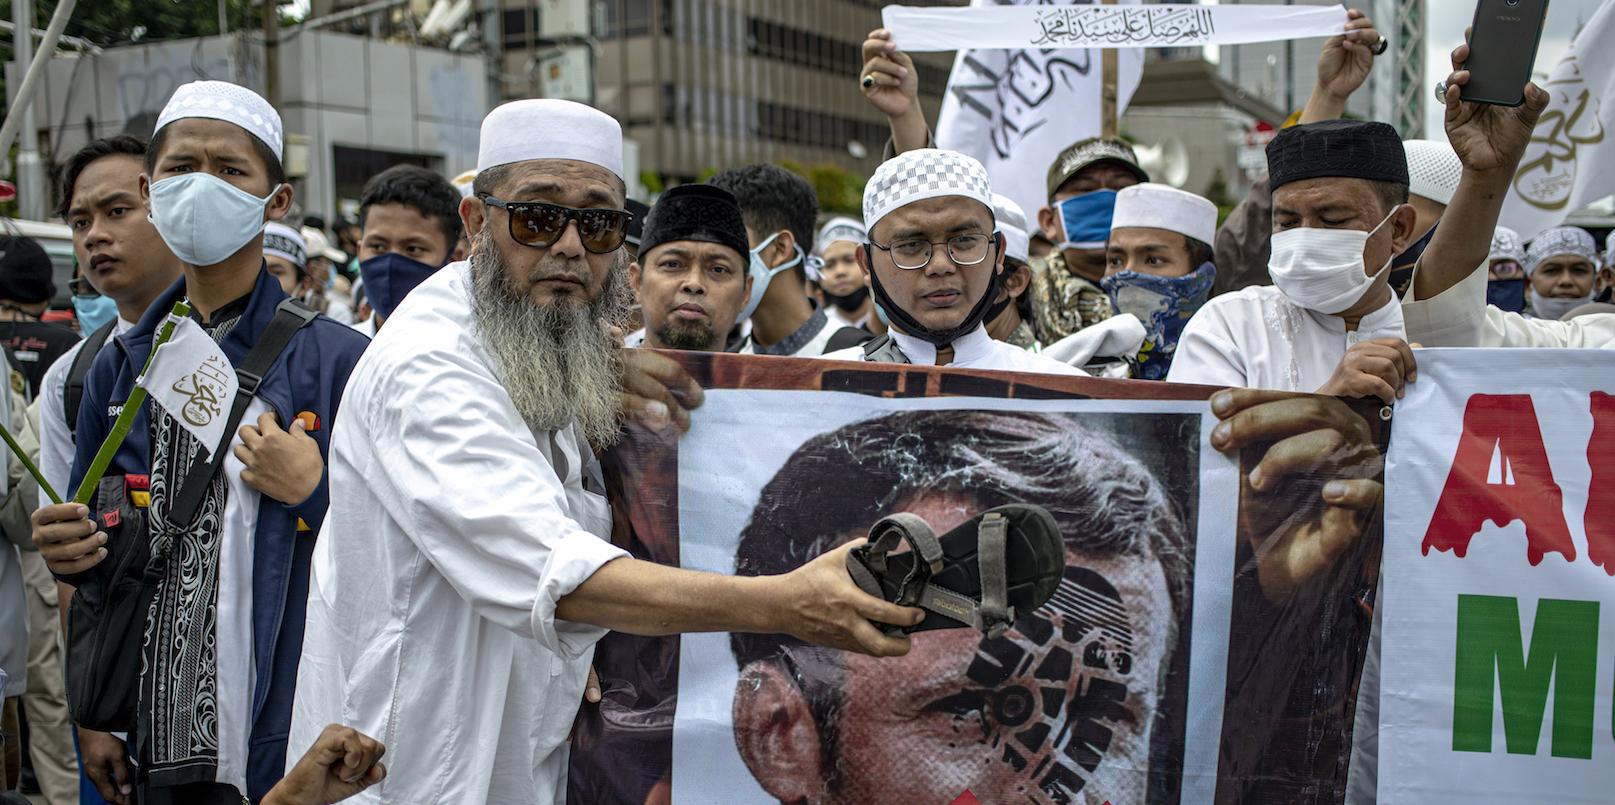 """Manifestation du FPI (Front Pembela Islam, """"Front des défenseurs de l'islam""""), organisation islamiste indonésienne, contre le président français Emmanuel Macron devant l'ambassade de France à Jakarta, le 2 novembre 2020. (Source : Jakarta Globe)"""